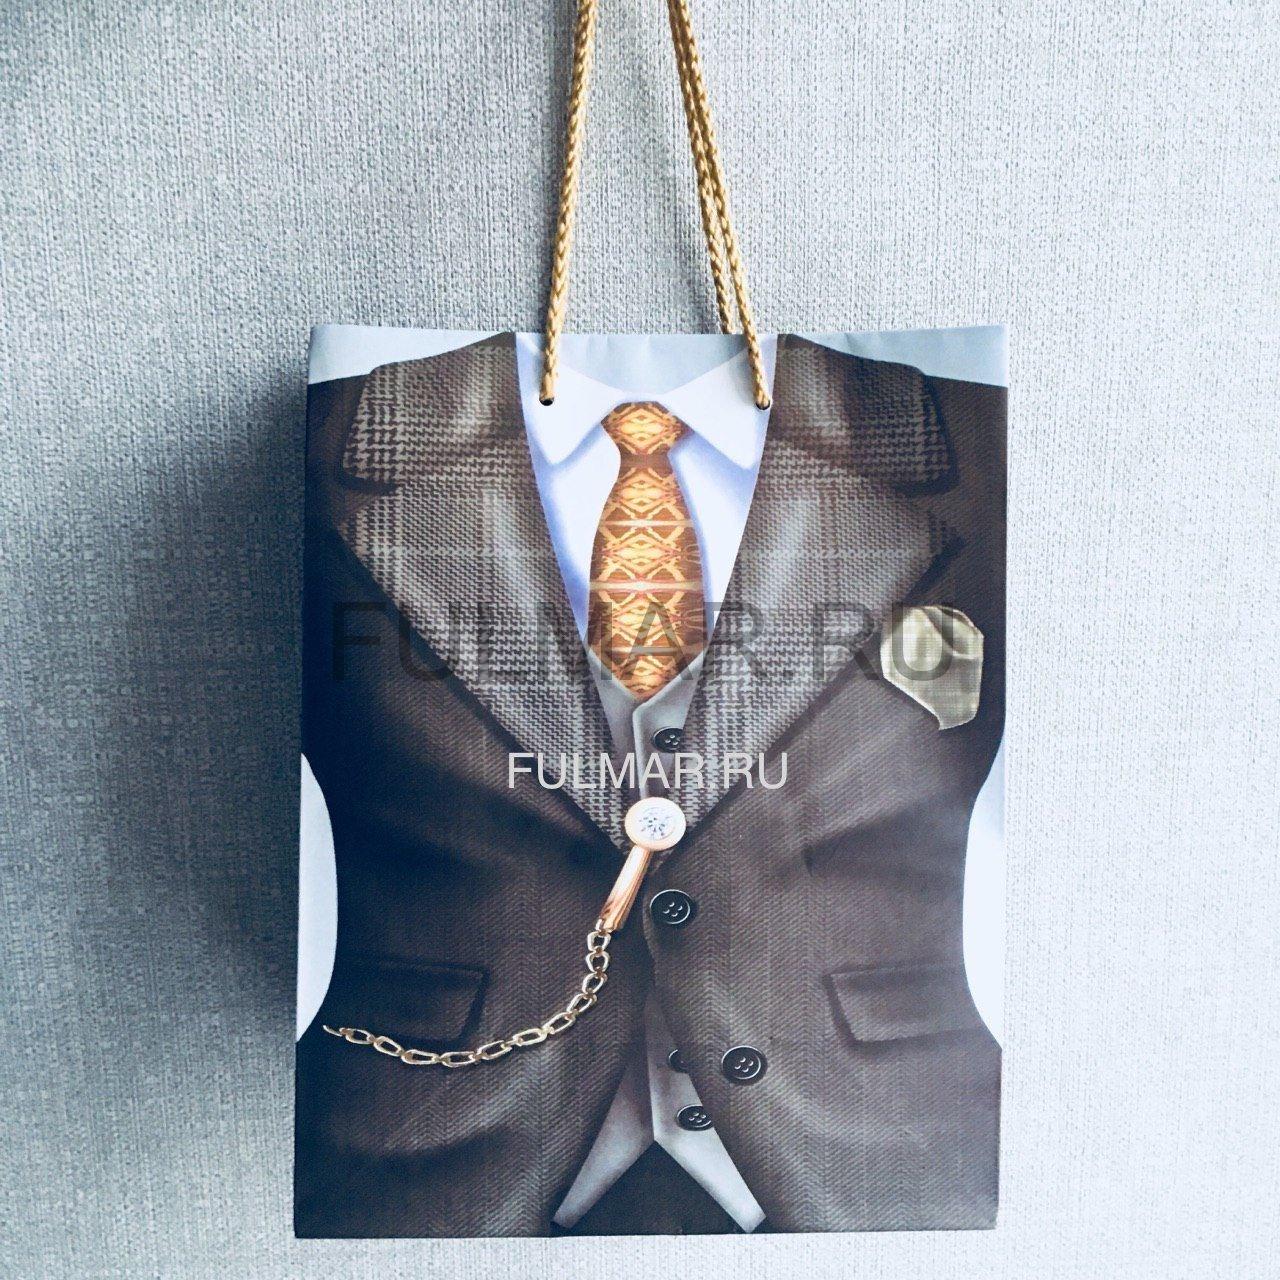 Подарки для мужчин. Купить оригинальный и необычный